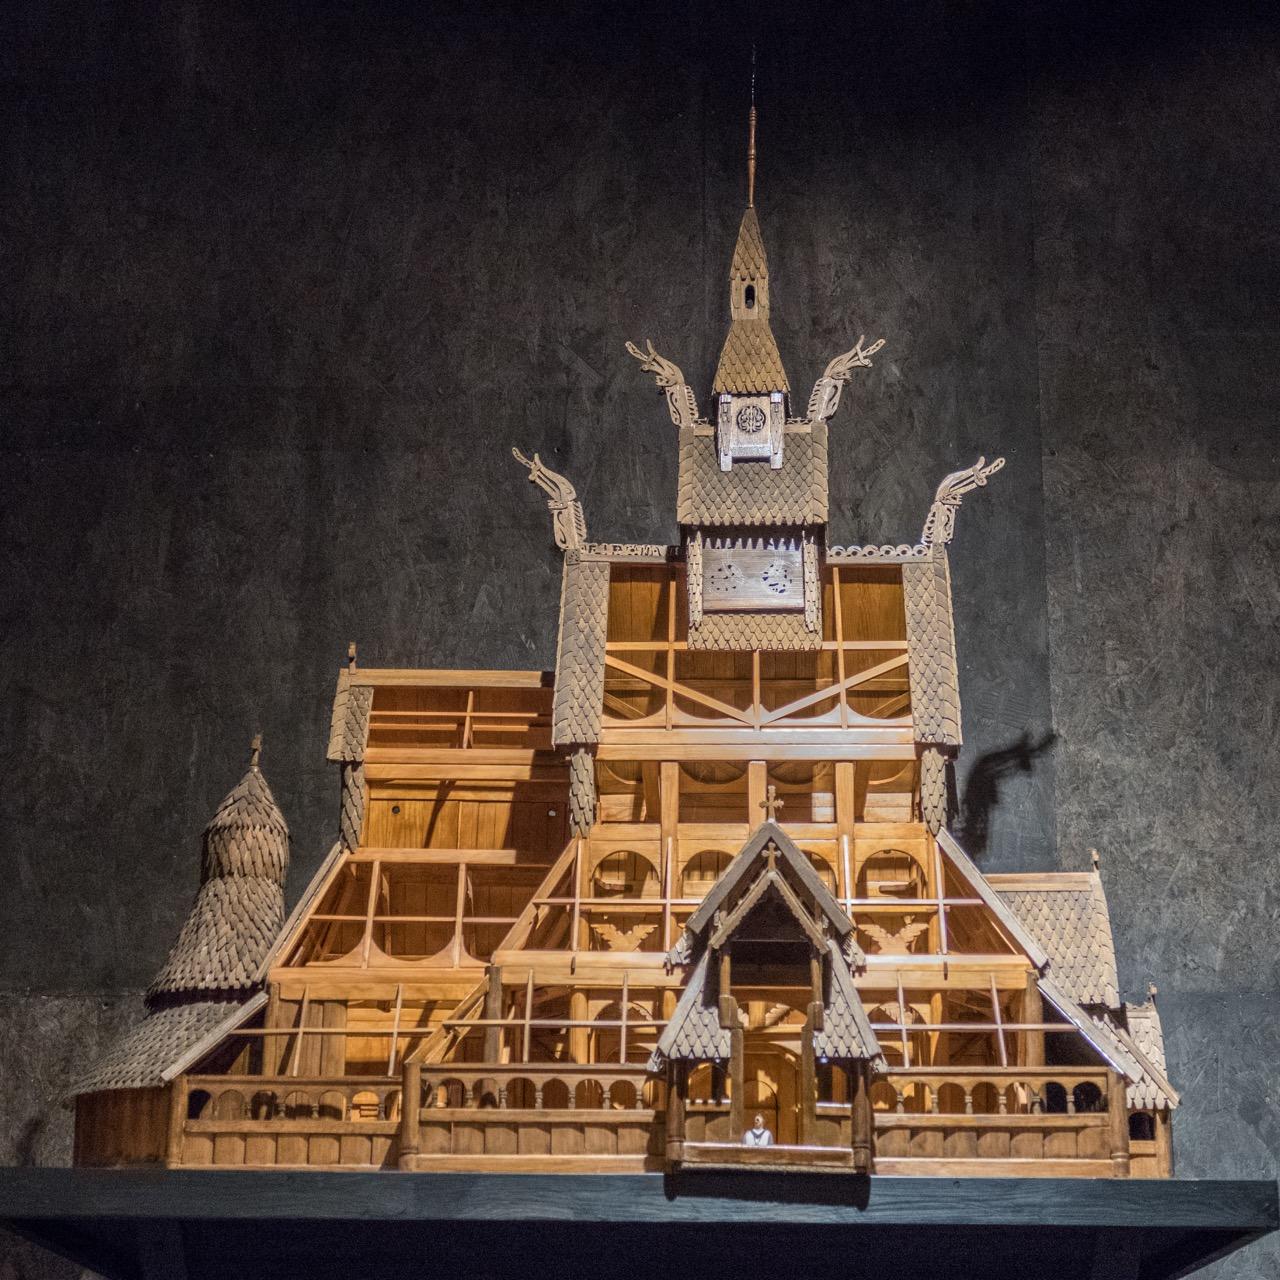 Modell der Stabkirche im Museum von Borgund